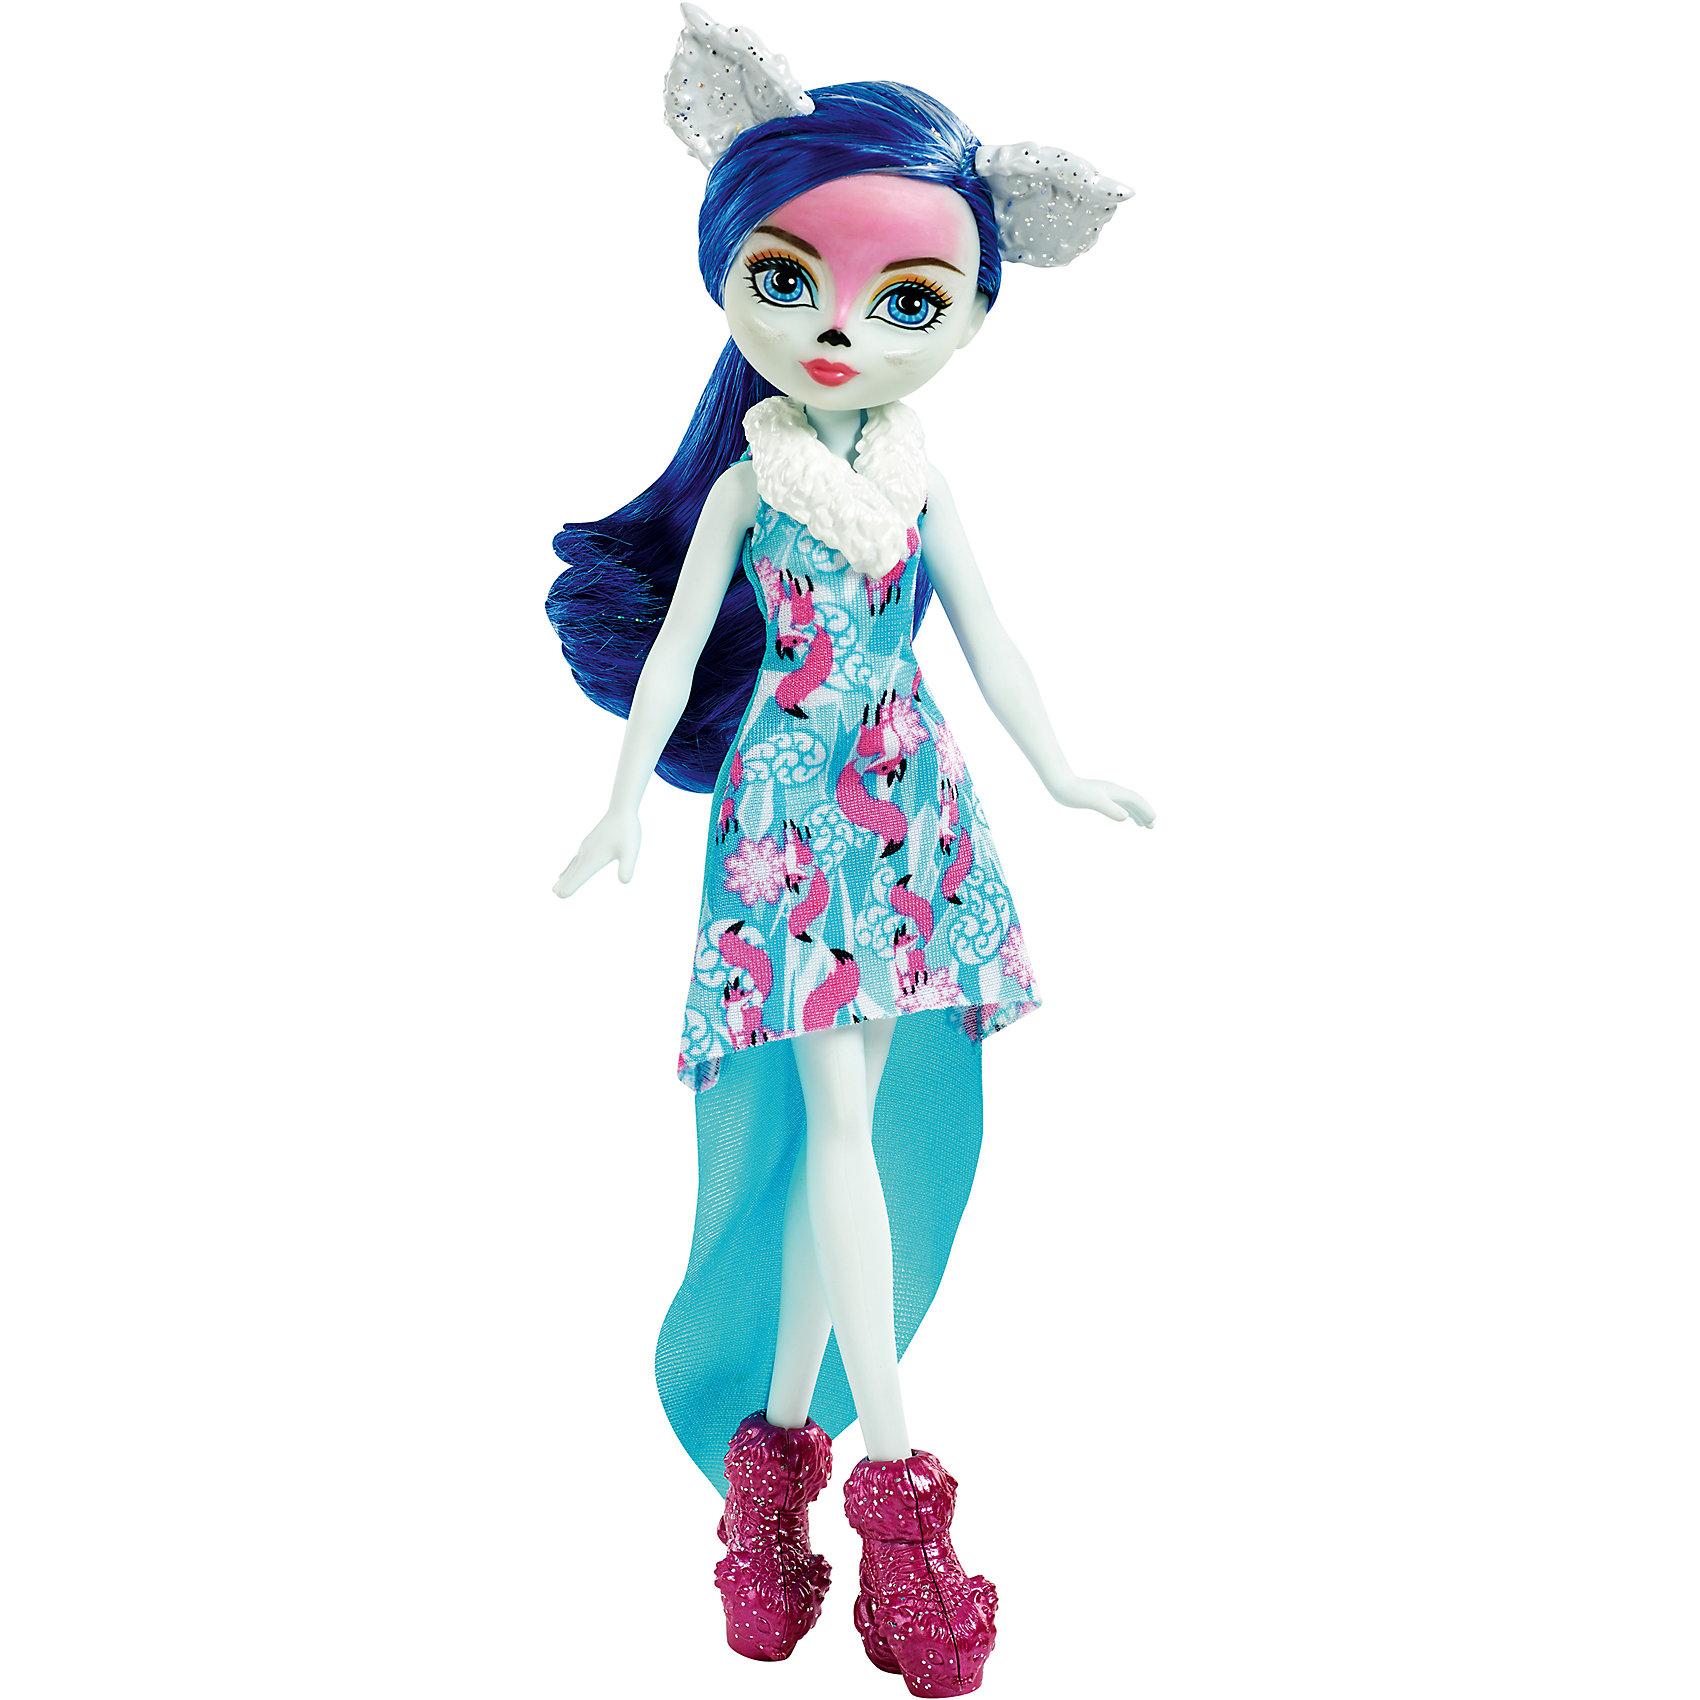 Mattel Кукла-пикси Фоксан из коллекции Заколдованная зима, Ever After High